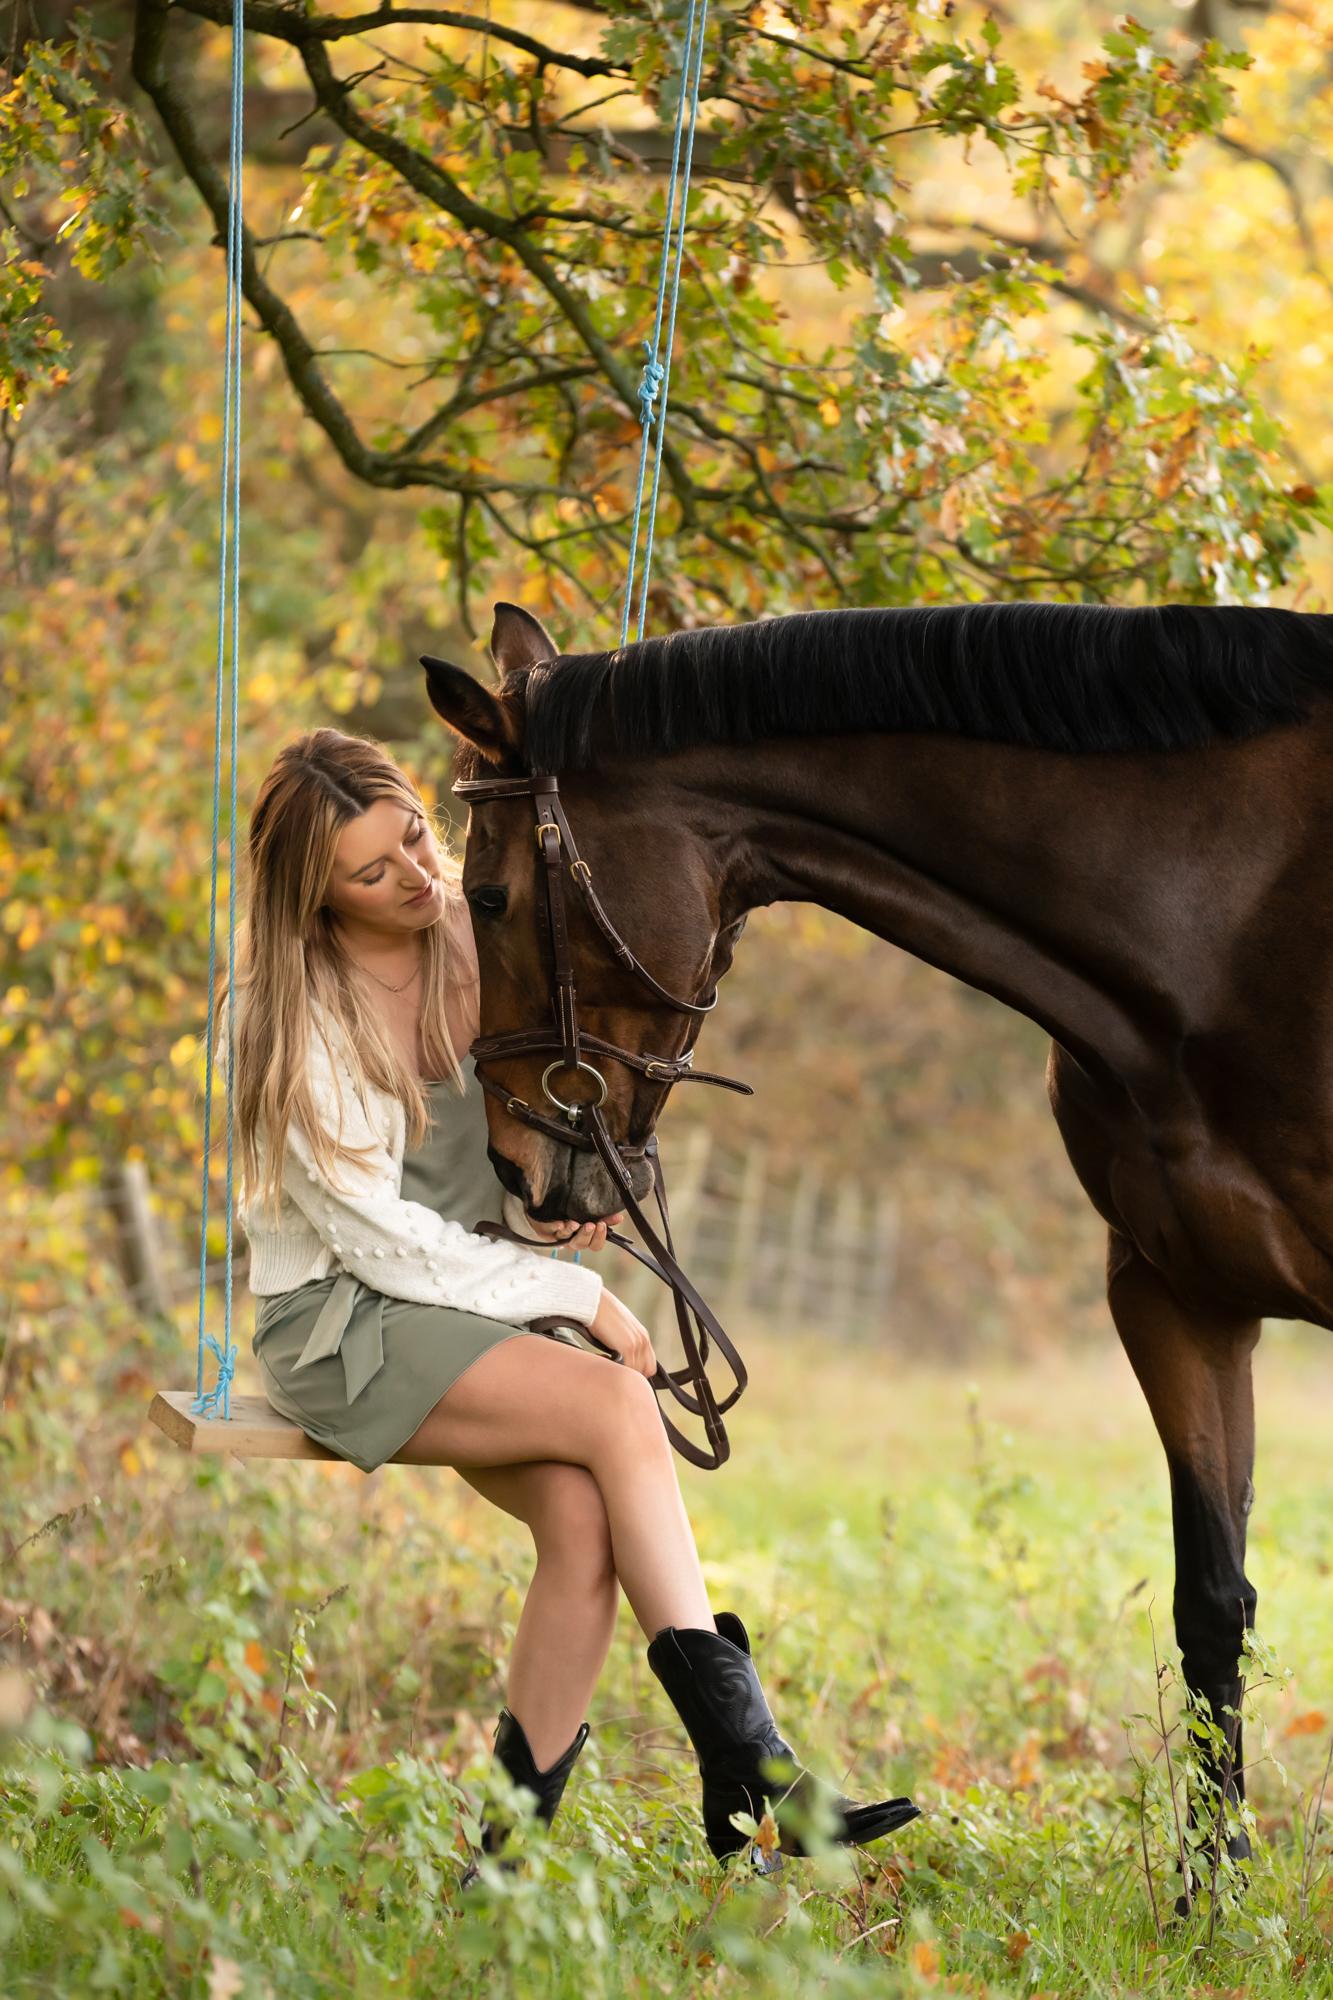 Autumn equine photoshoot girl on swing